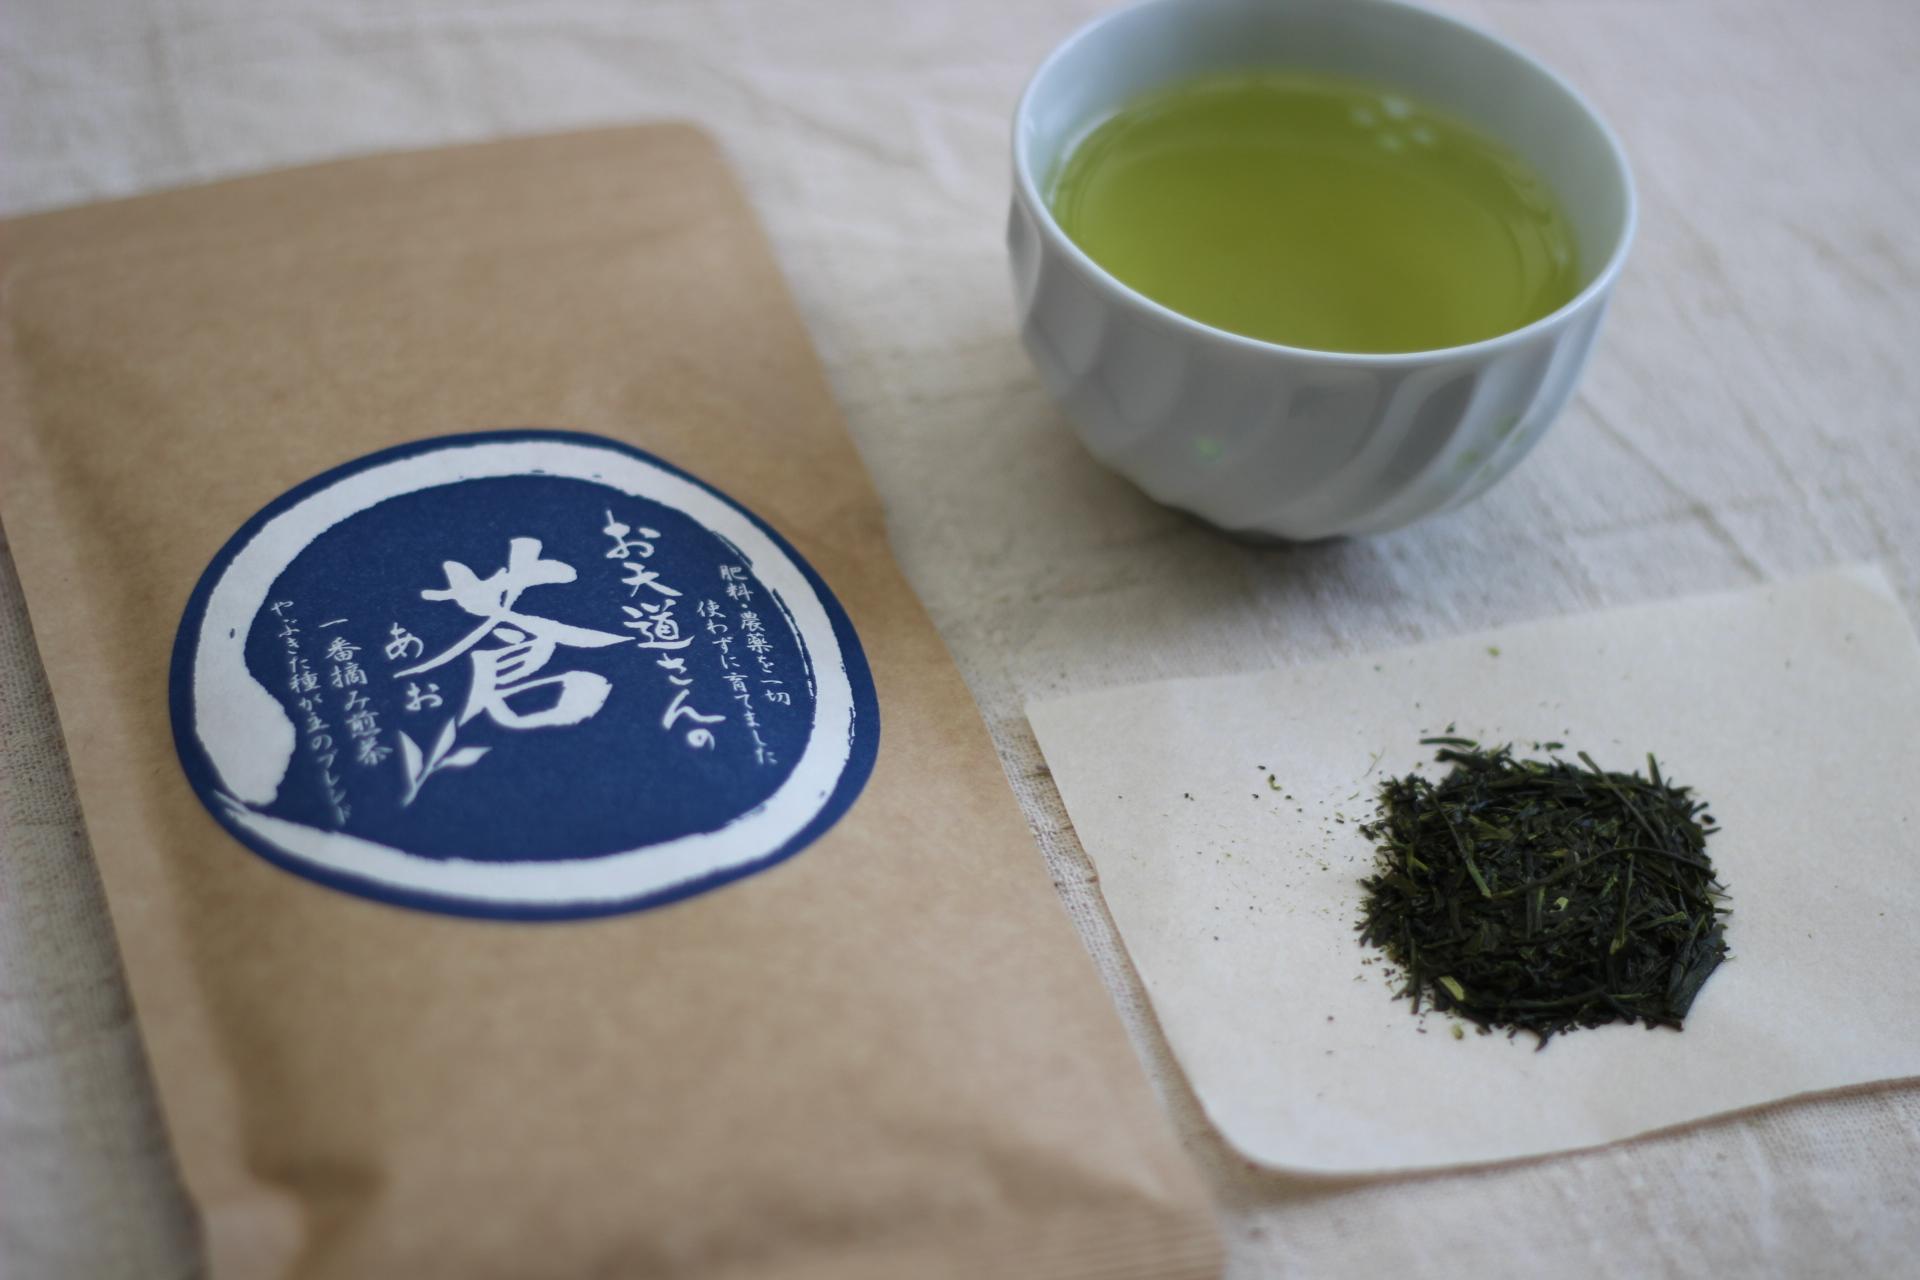 """2021新茶【自然栽培茶】オーガニック 熊本県産 桜野園 緑茶""""蒼"""" 80g  煎茶"""